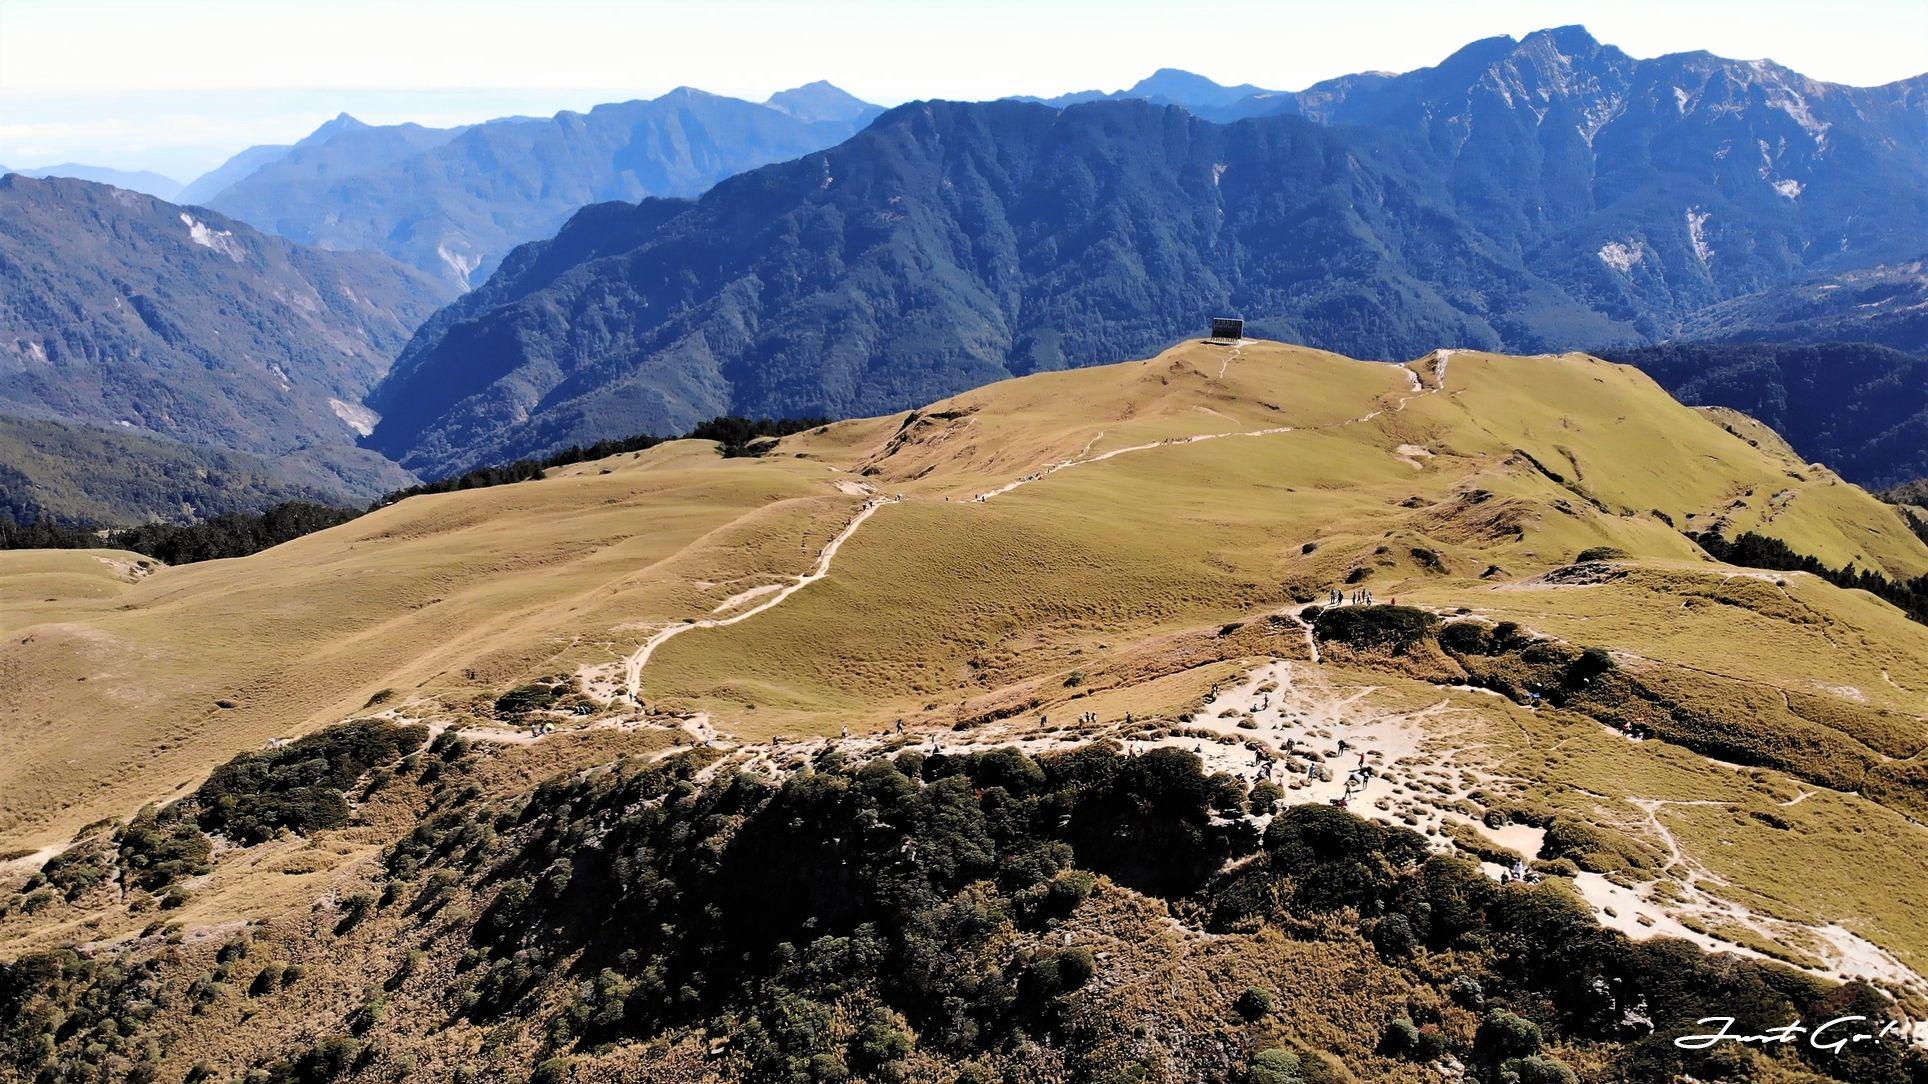 一日百岳·9小時單攻合歡西峰北峰-地圖gpx、行程規劃、申請、登山口43